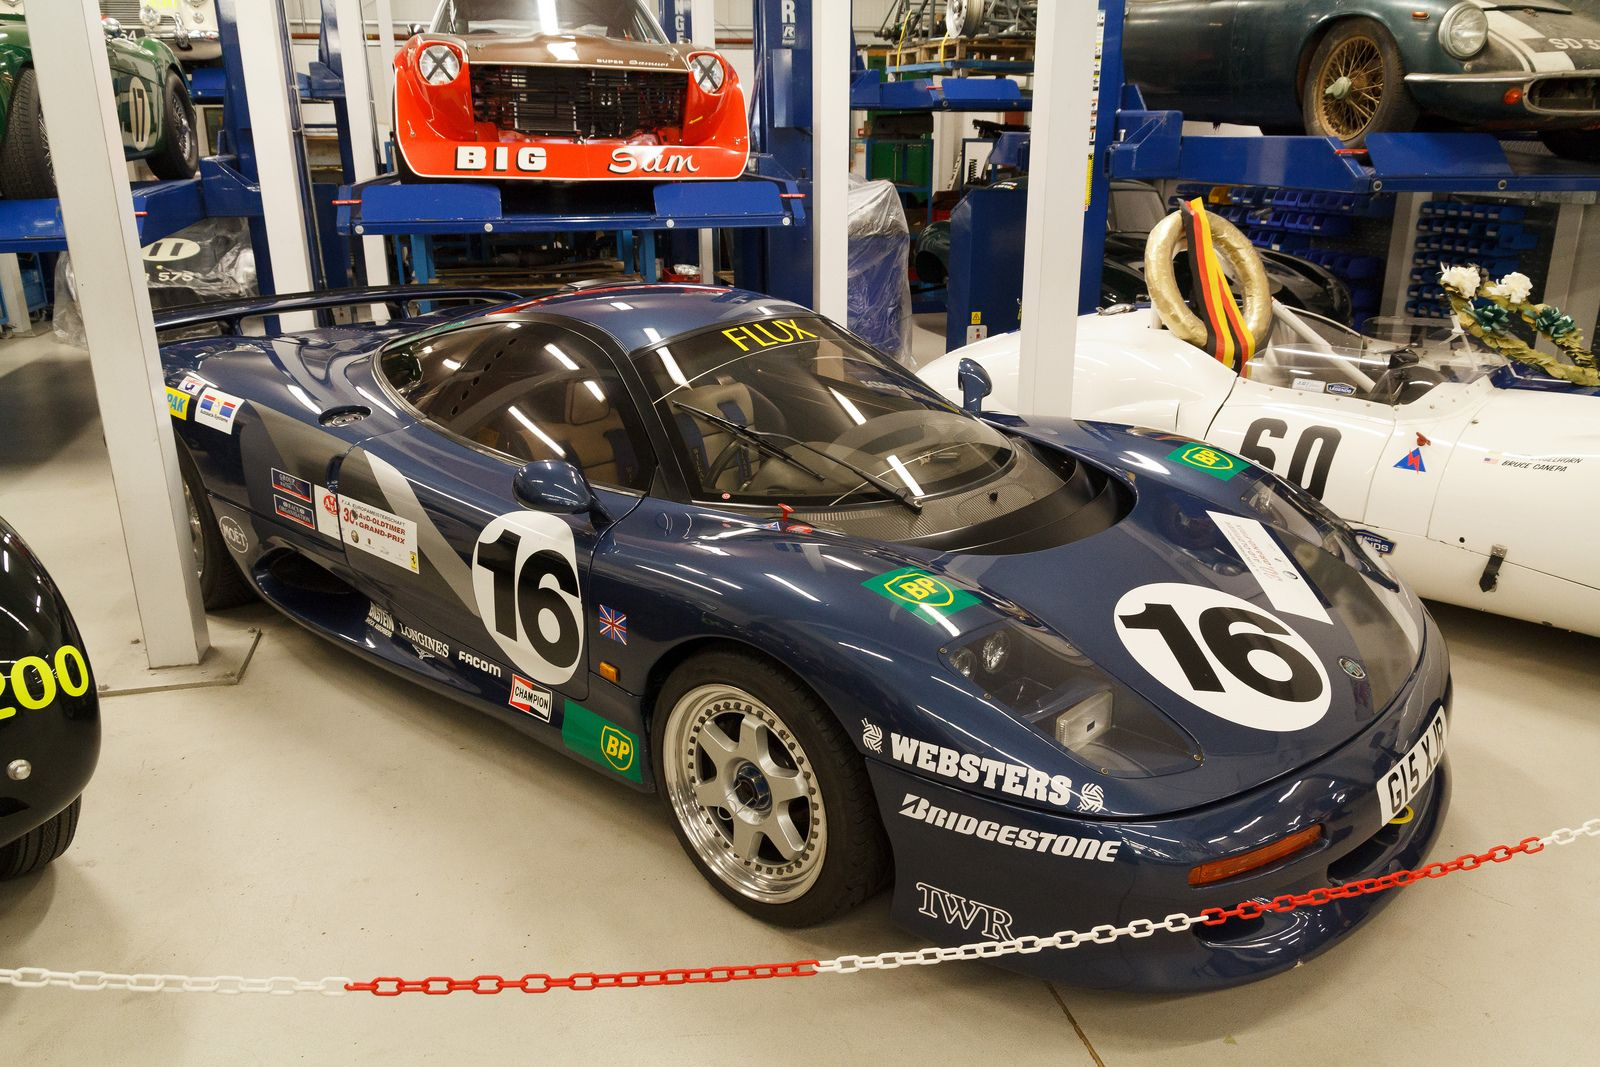 1991 Jaguar XJR-15 | Jaguar, Race cars, Sports car